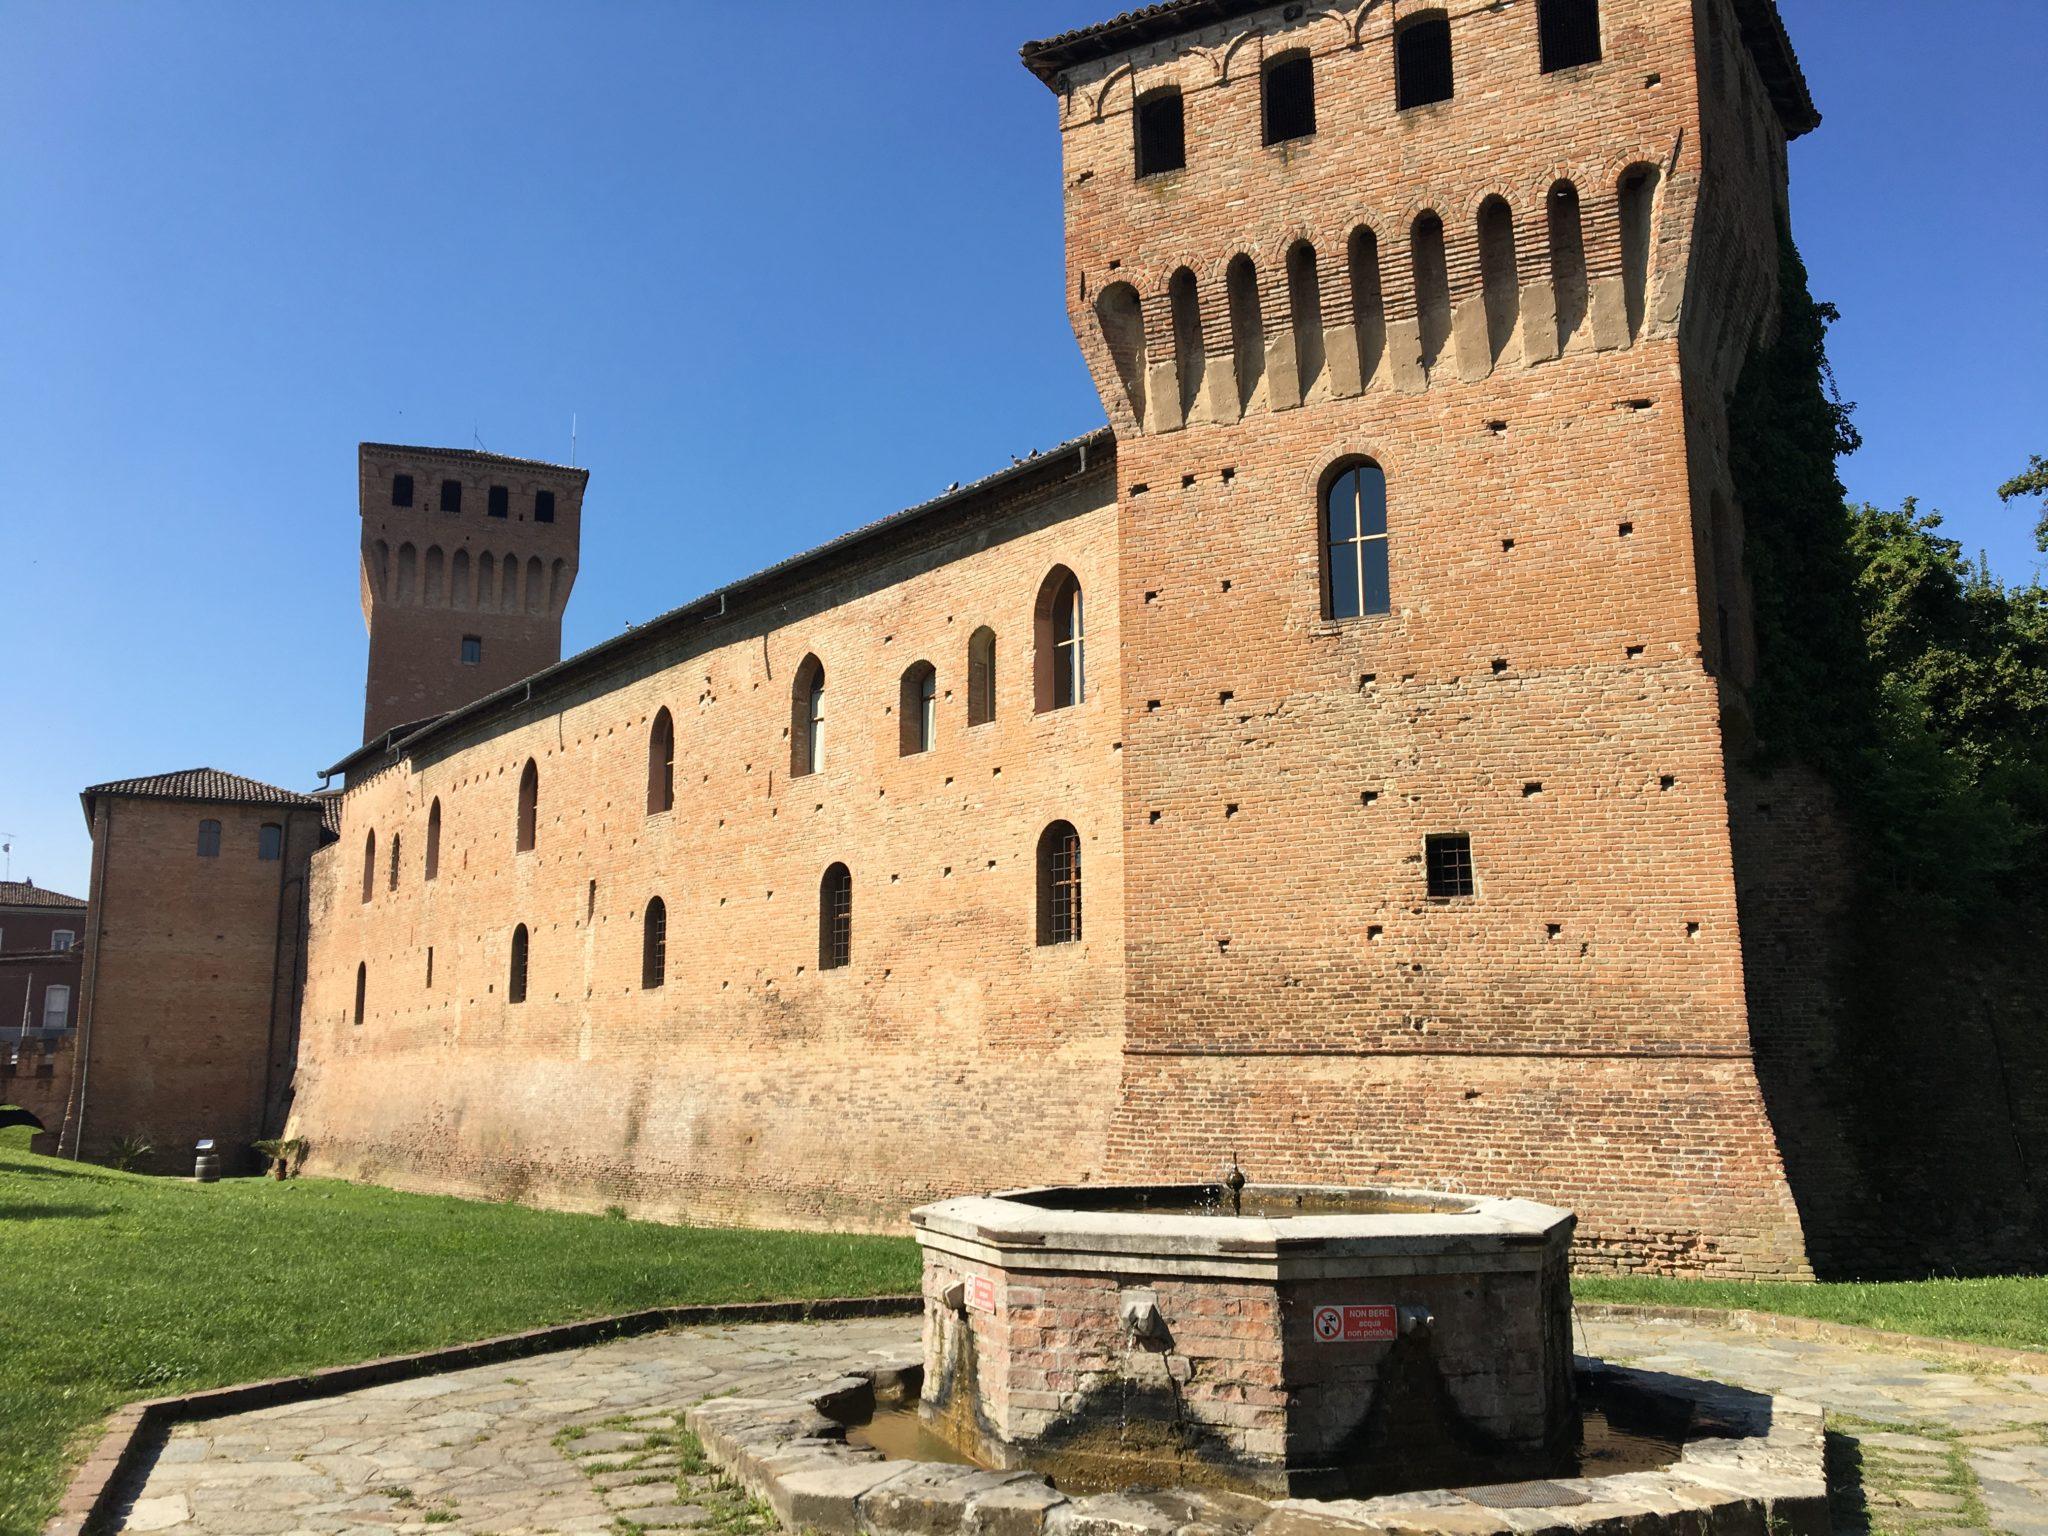 Sassuolo e il Palazzo Ducale, Maranello e la Ferrari, Castelvetro, uno dei borghi più belli d'Italia, e Levizzano Rangone. La nostra gita fuori porta